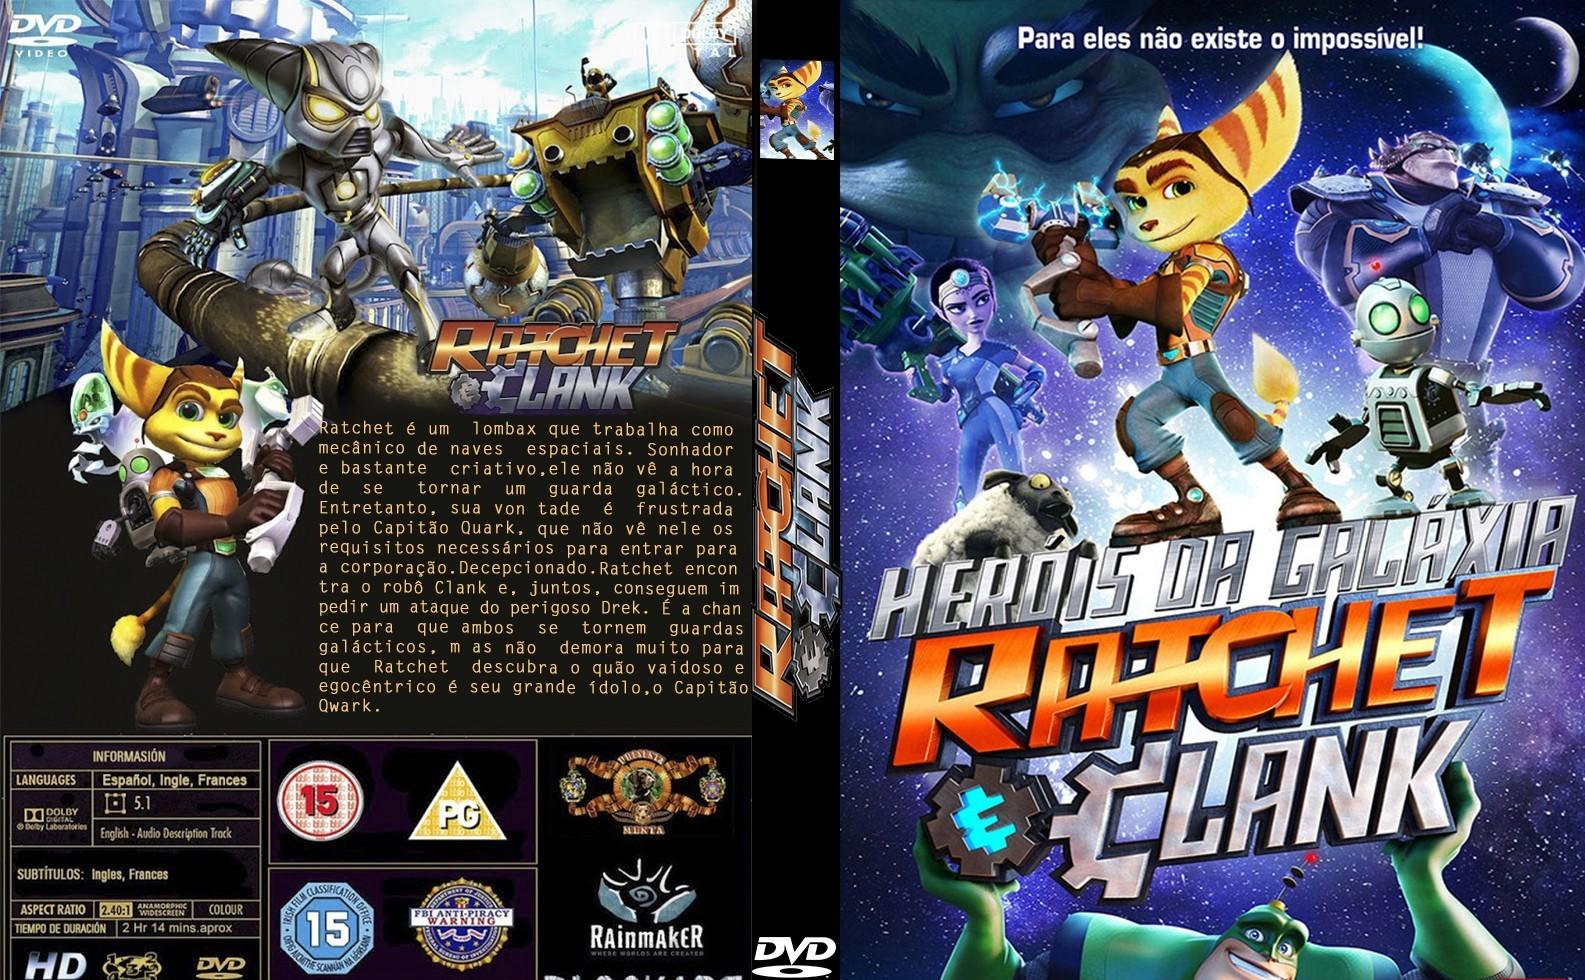 Heróis da Galáxia: Ratchet e Clank